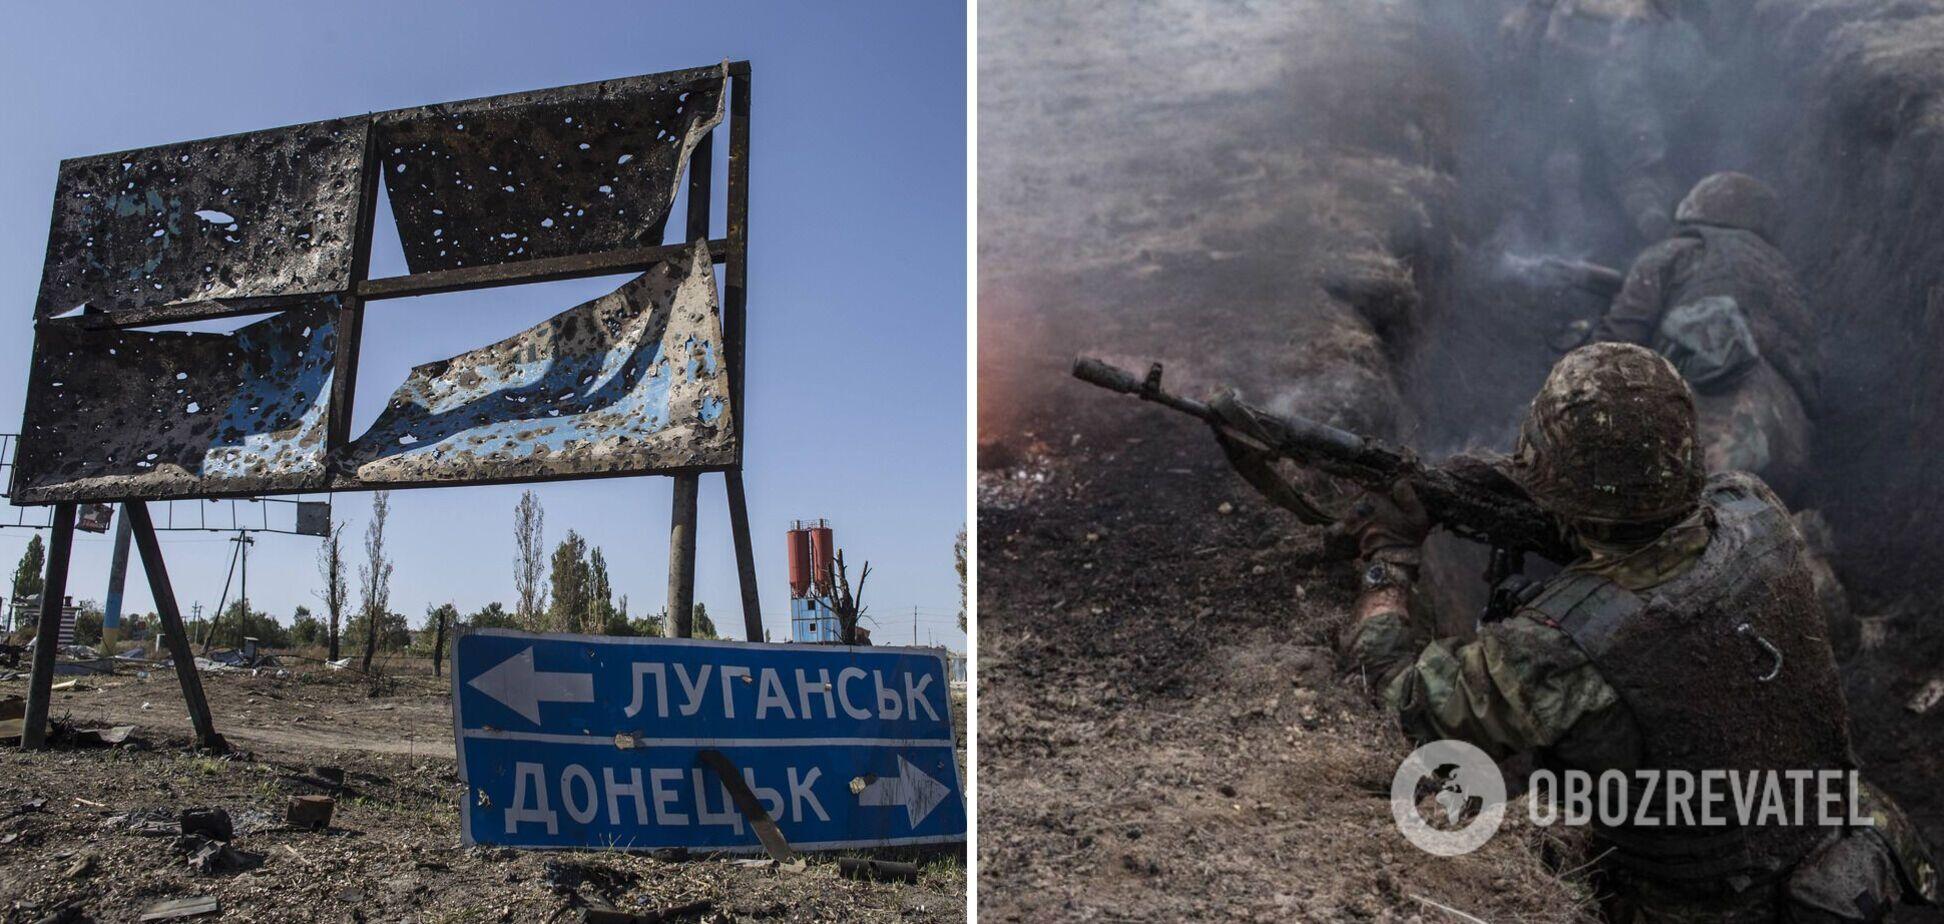 Під час обстрілів найманців РФ на Донбасі поранено воїна ЗСУ і мирного жителя